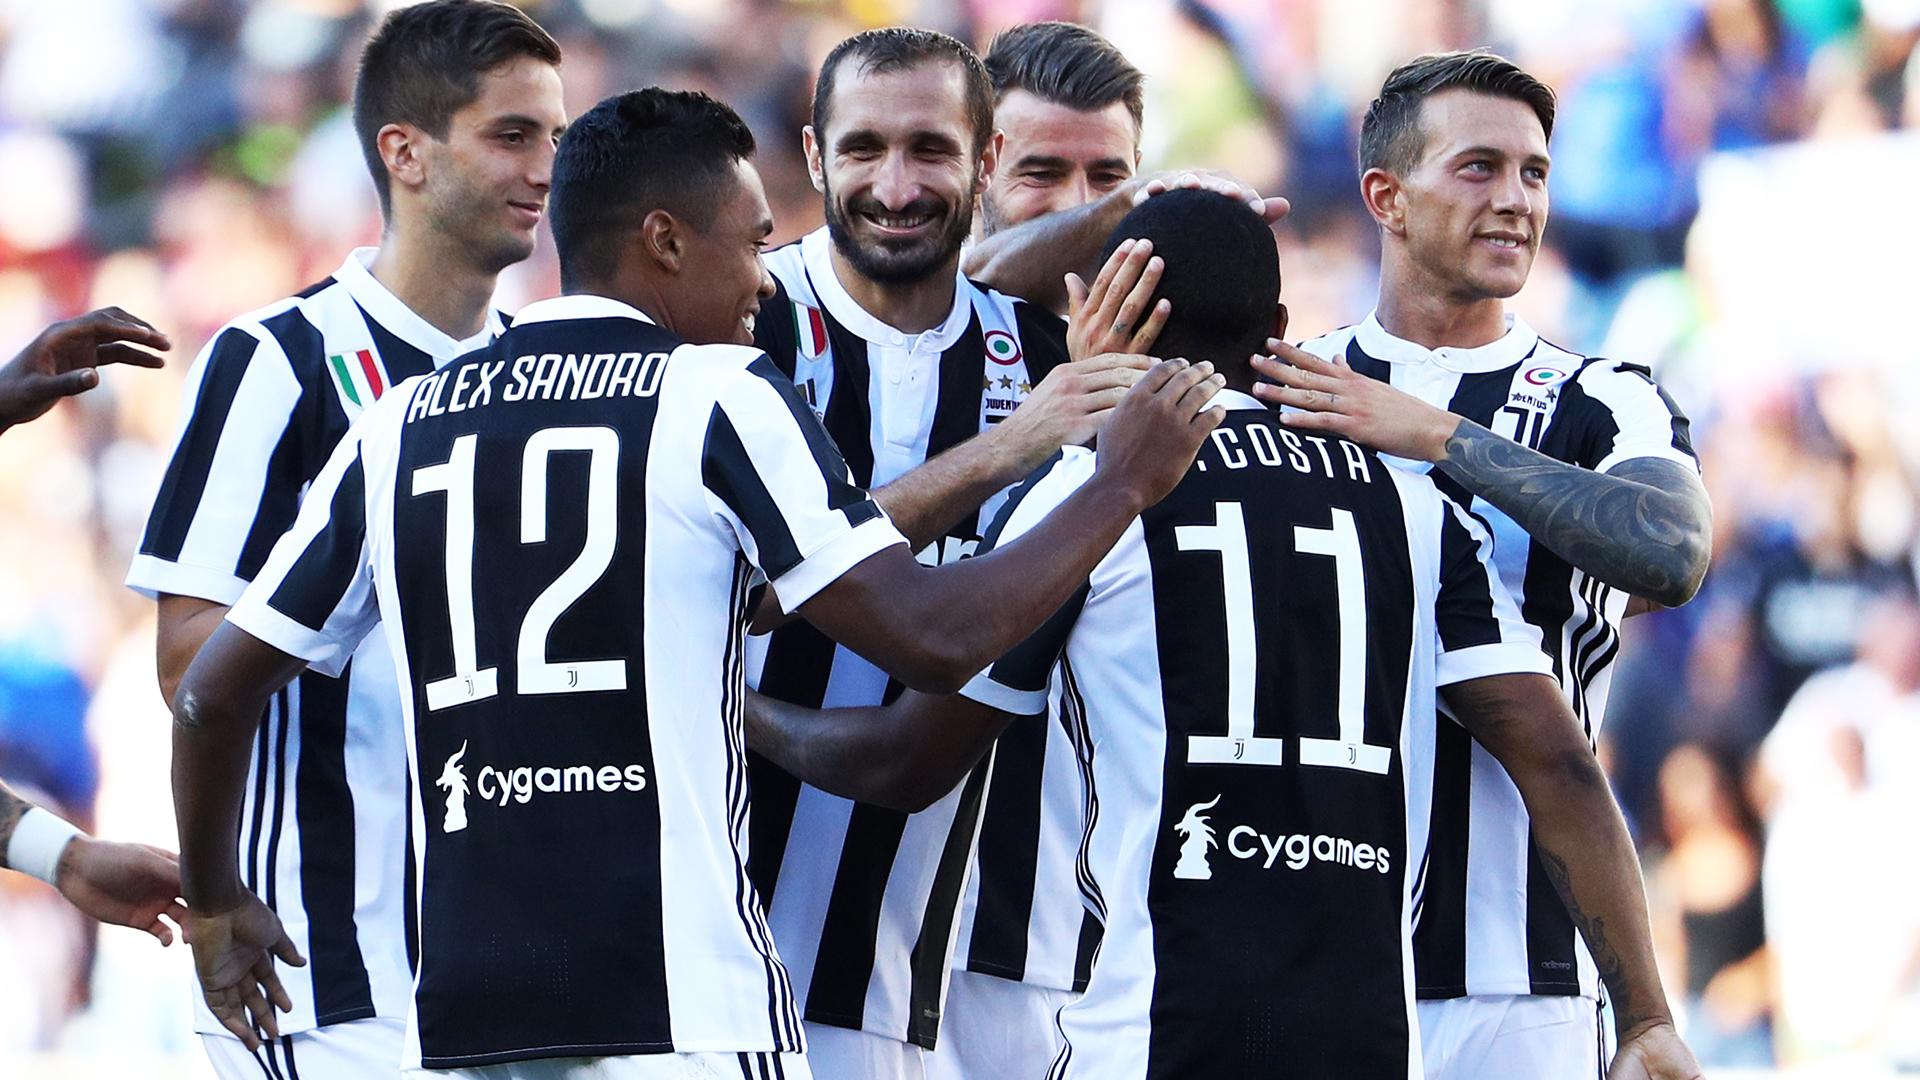 Probabili formazioni Juventus-Tottenham: Sturaro e Szczesny out